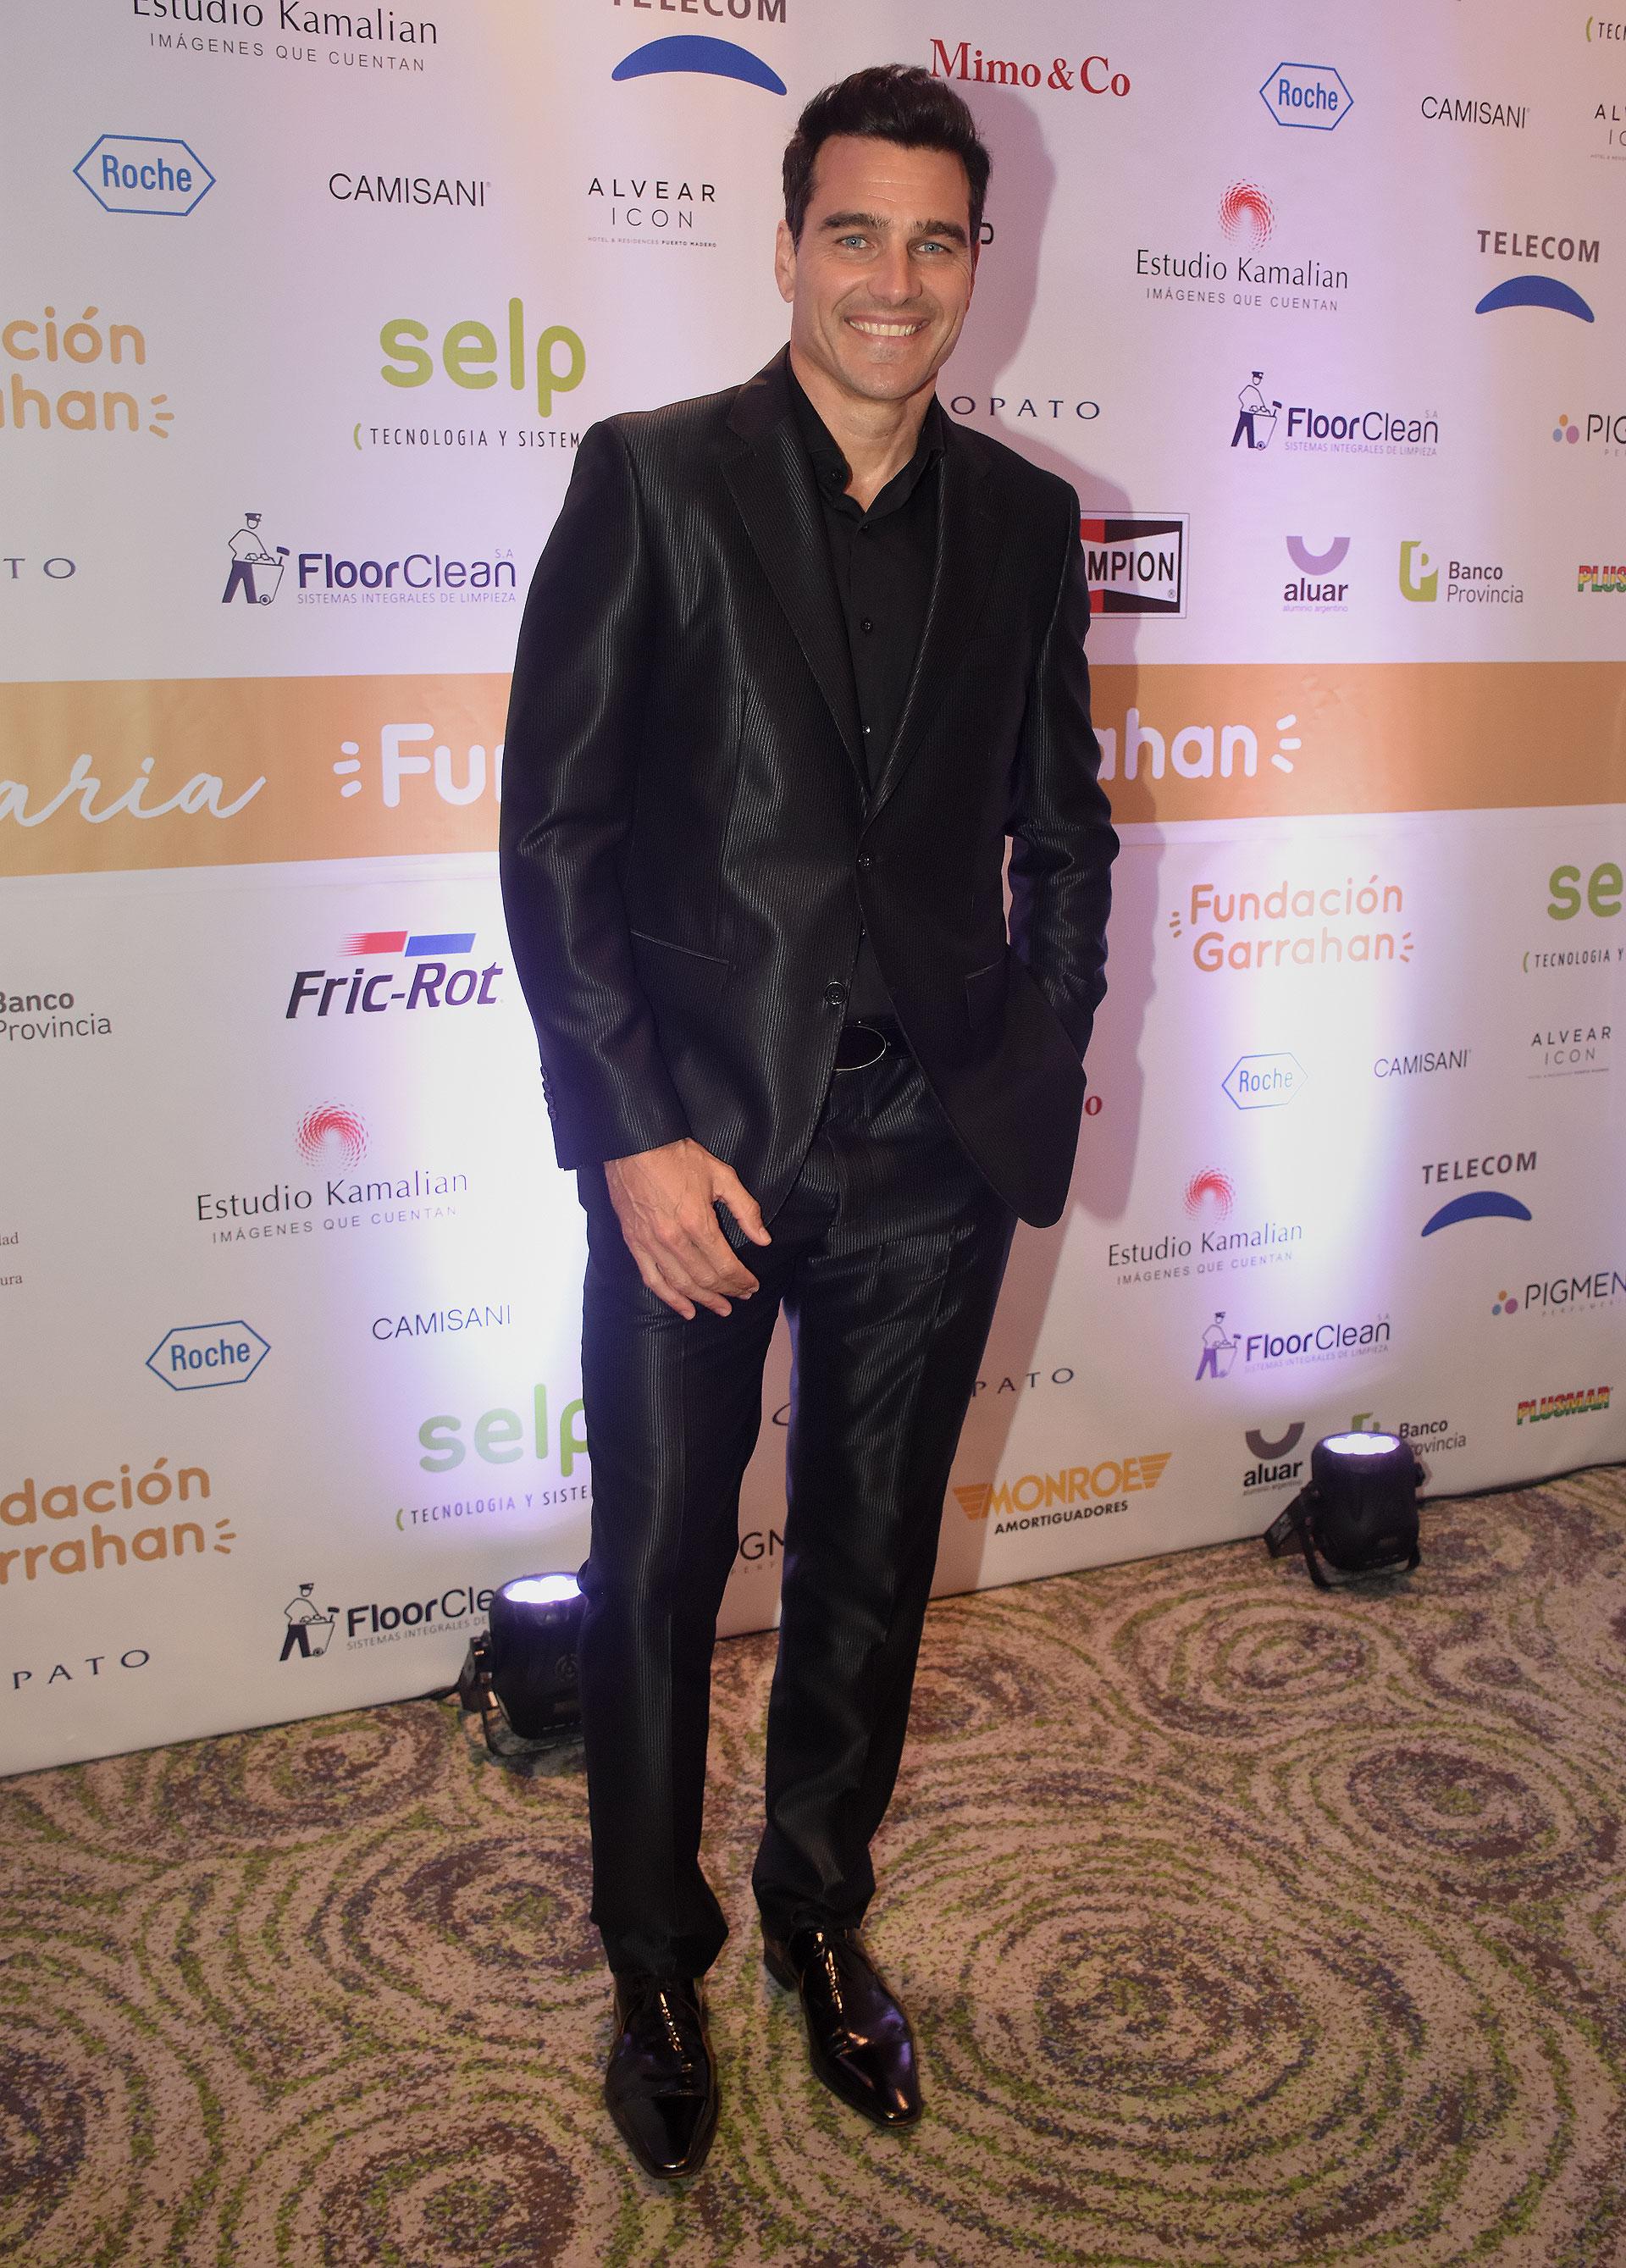 El modelo y conductor Hernán Drago